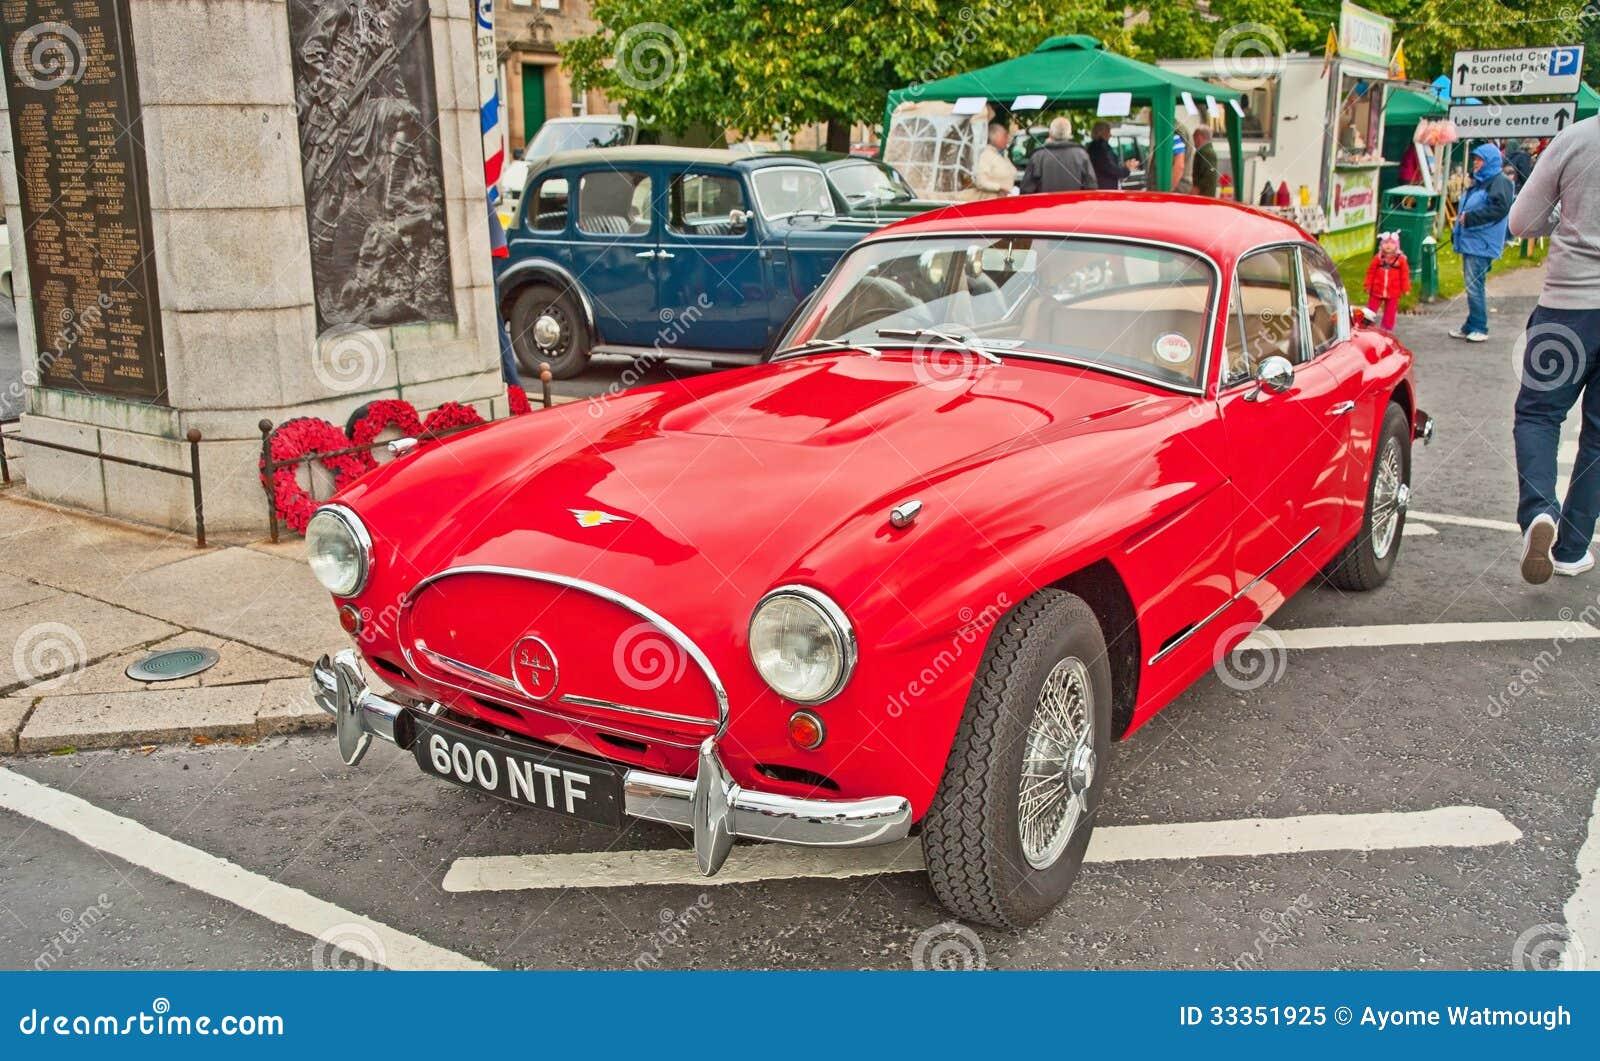 Jensen sports car